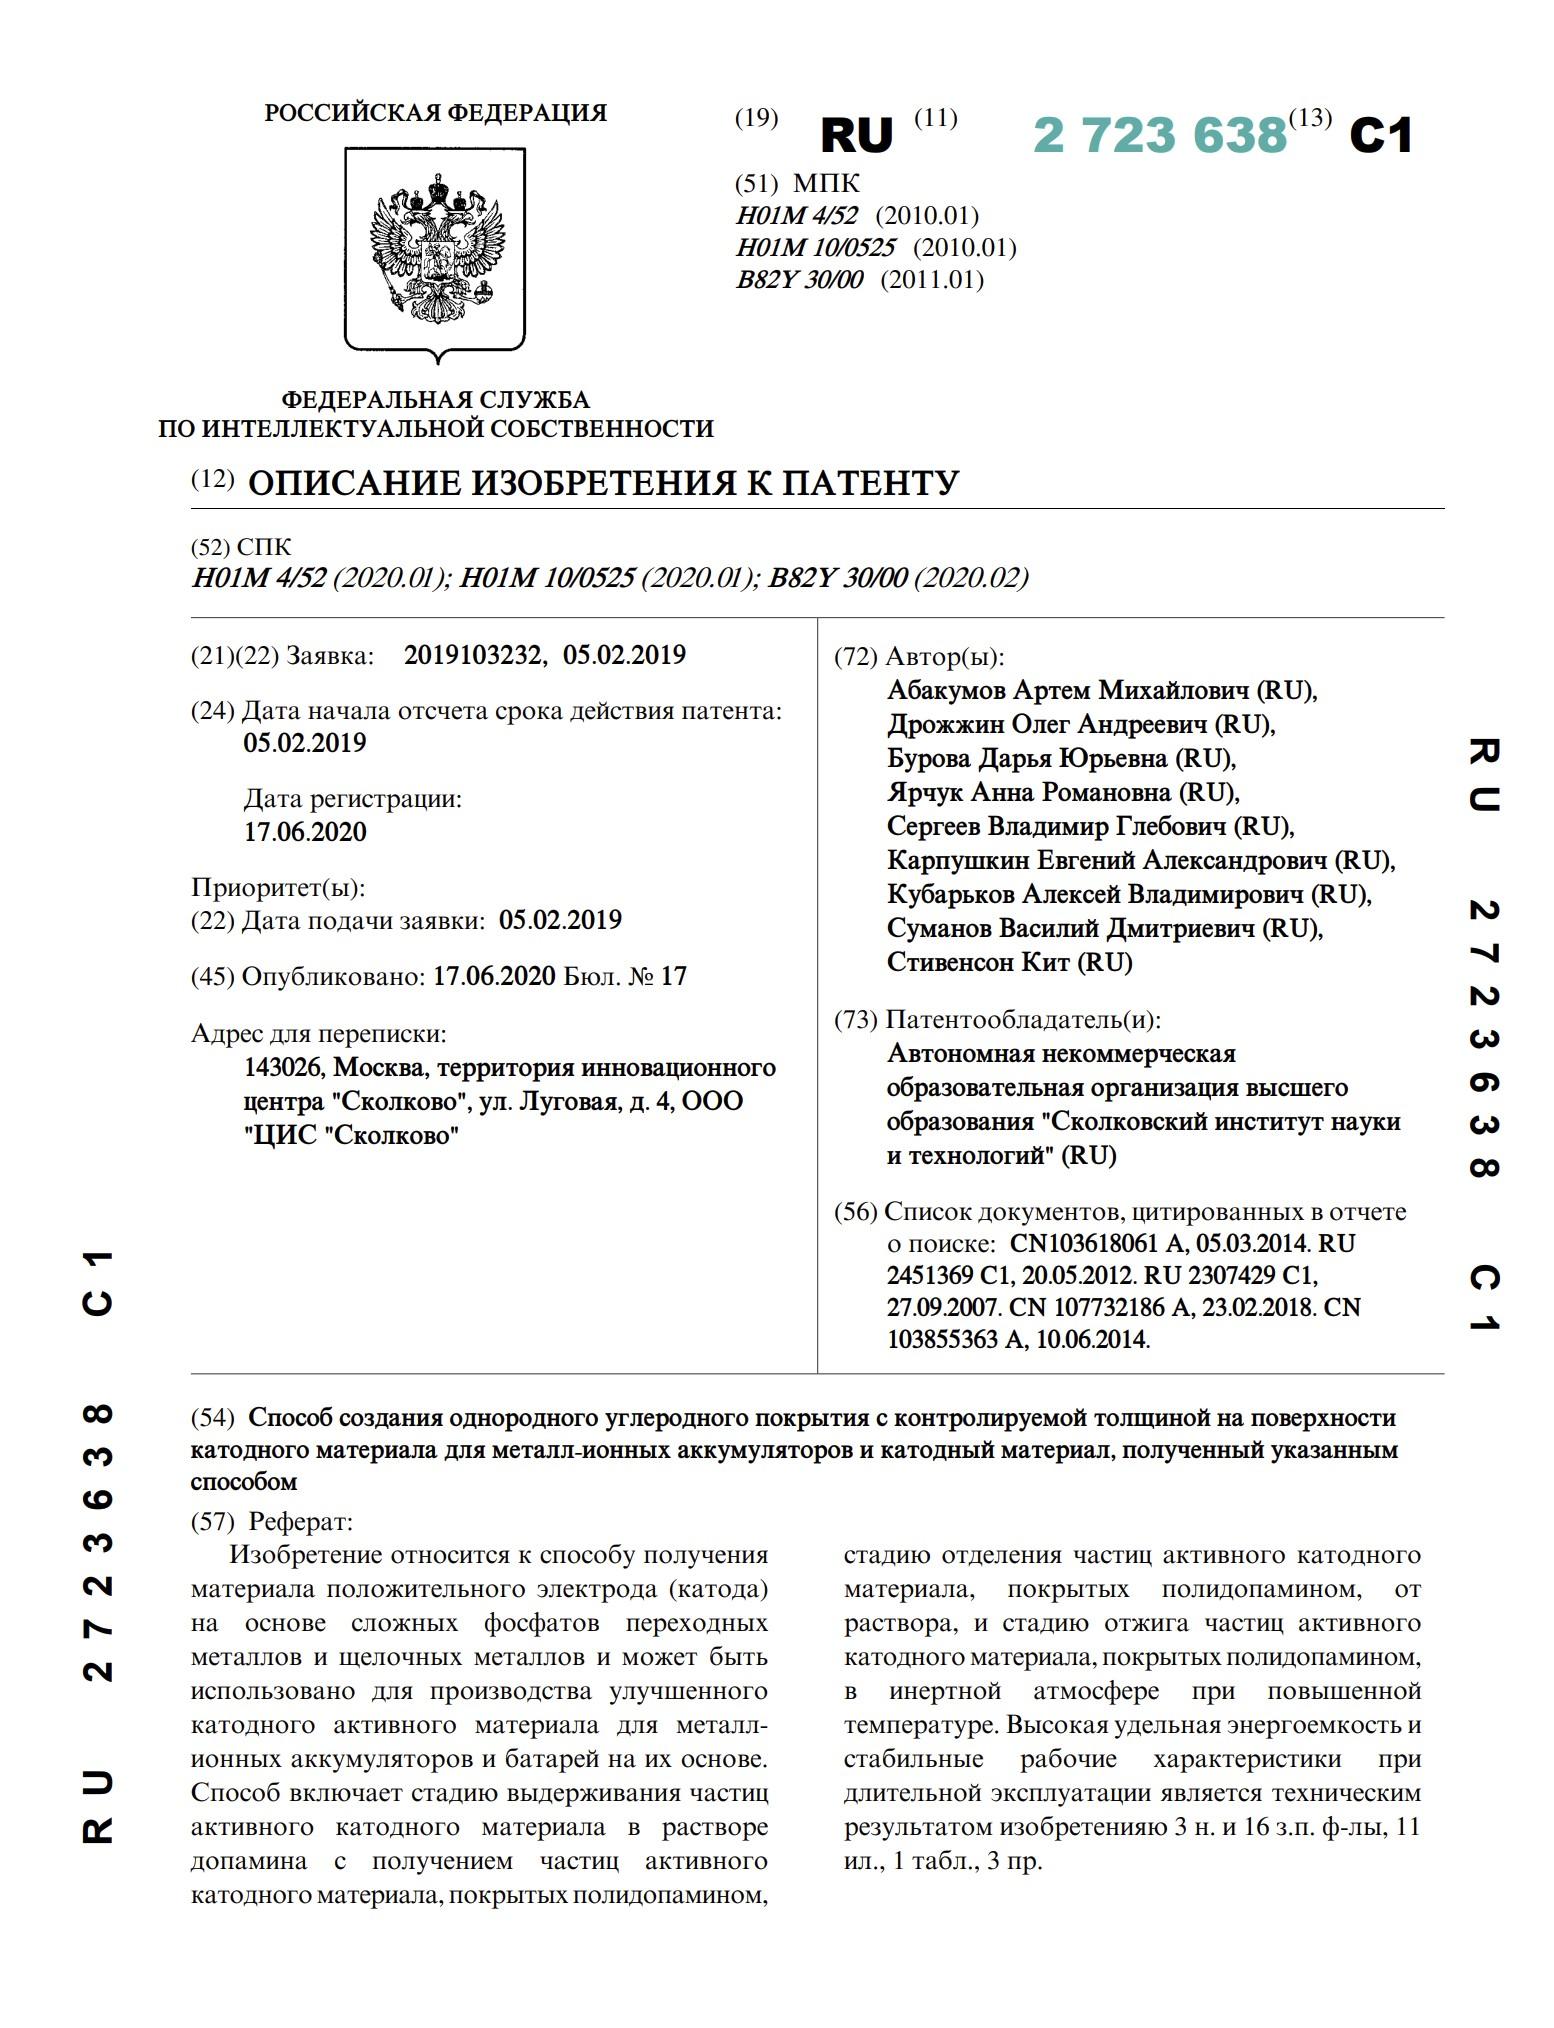 snimok-ekrana-2020-08-05-v-15-39-34